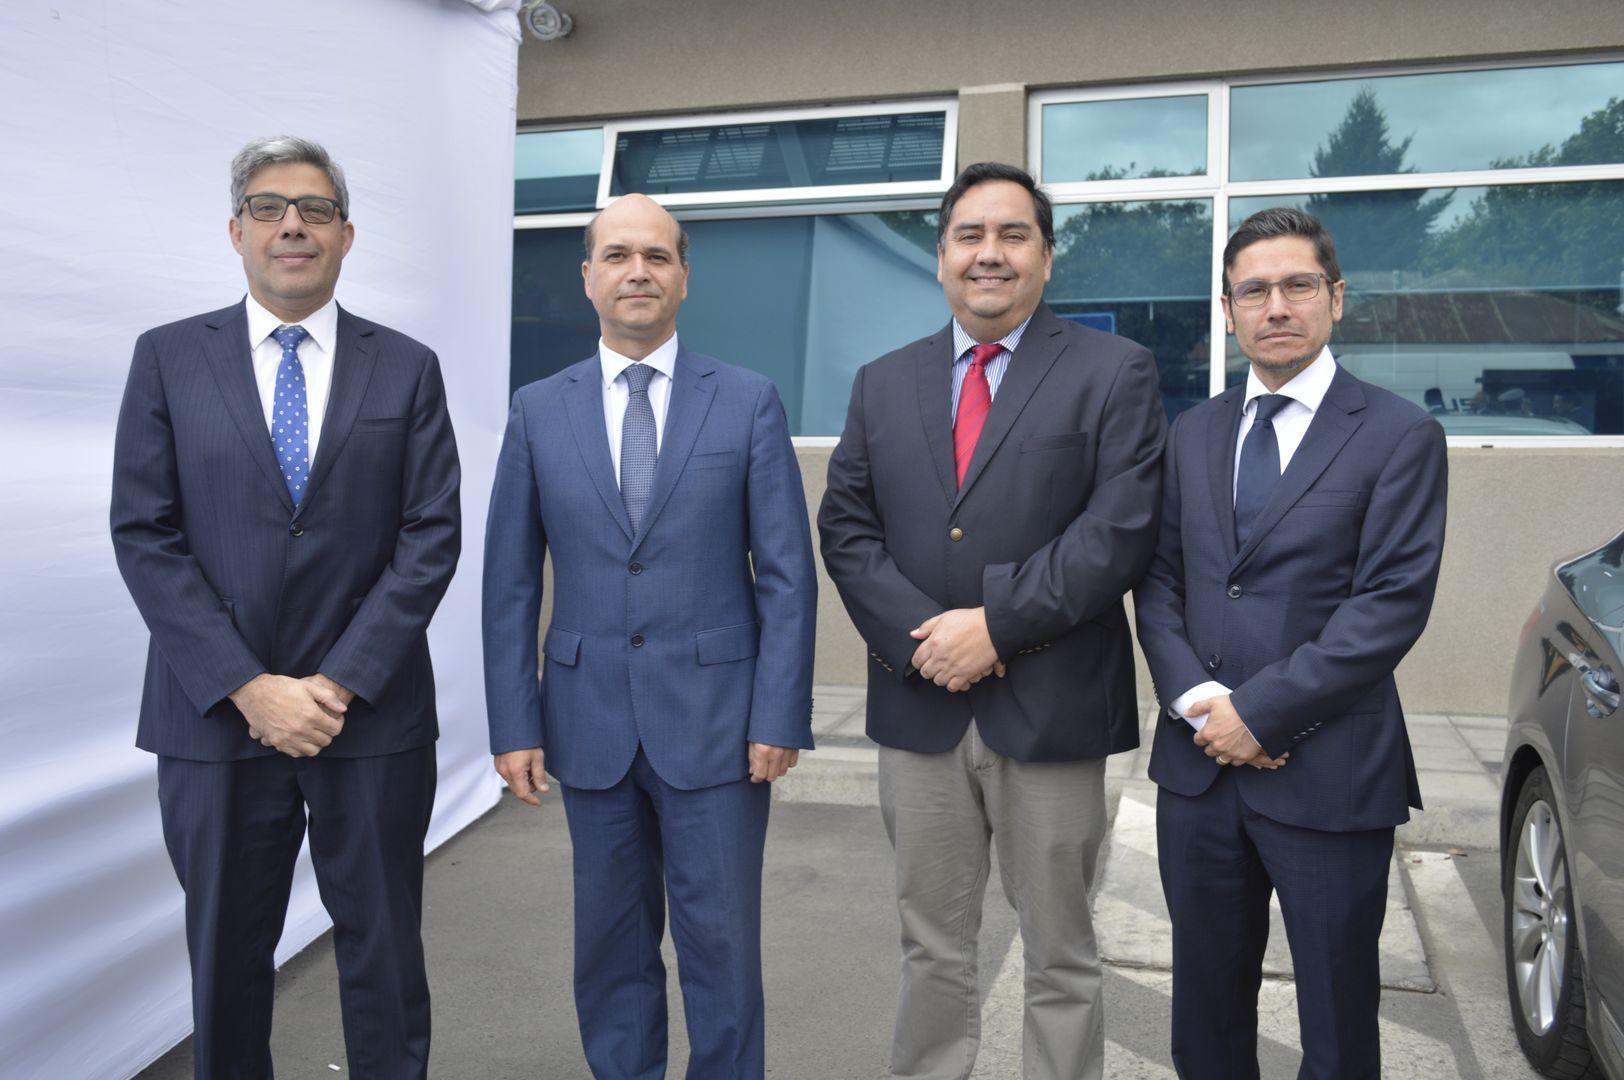 Rolando Canahuate, Julio Contardo (Fiscal Regional de Maule), Mauricio Mieres y Mario Lobos